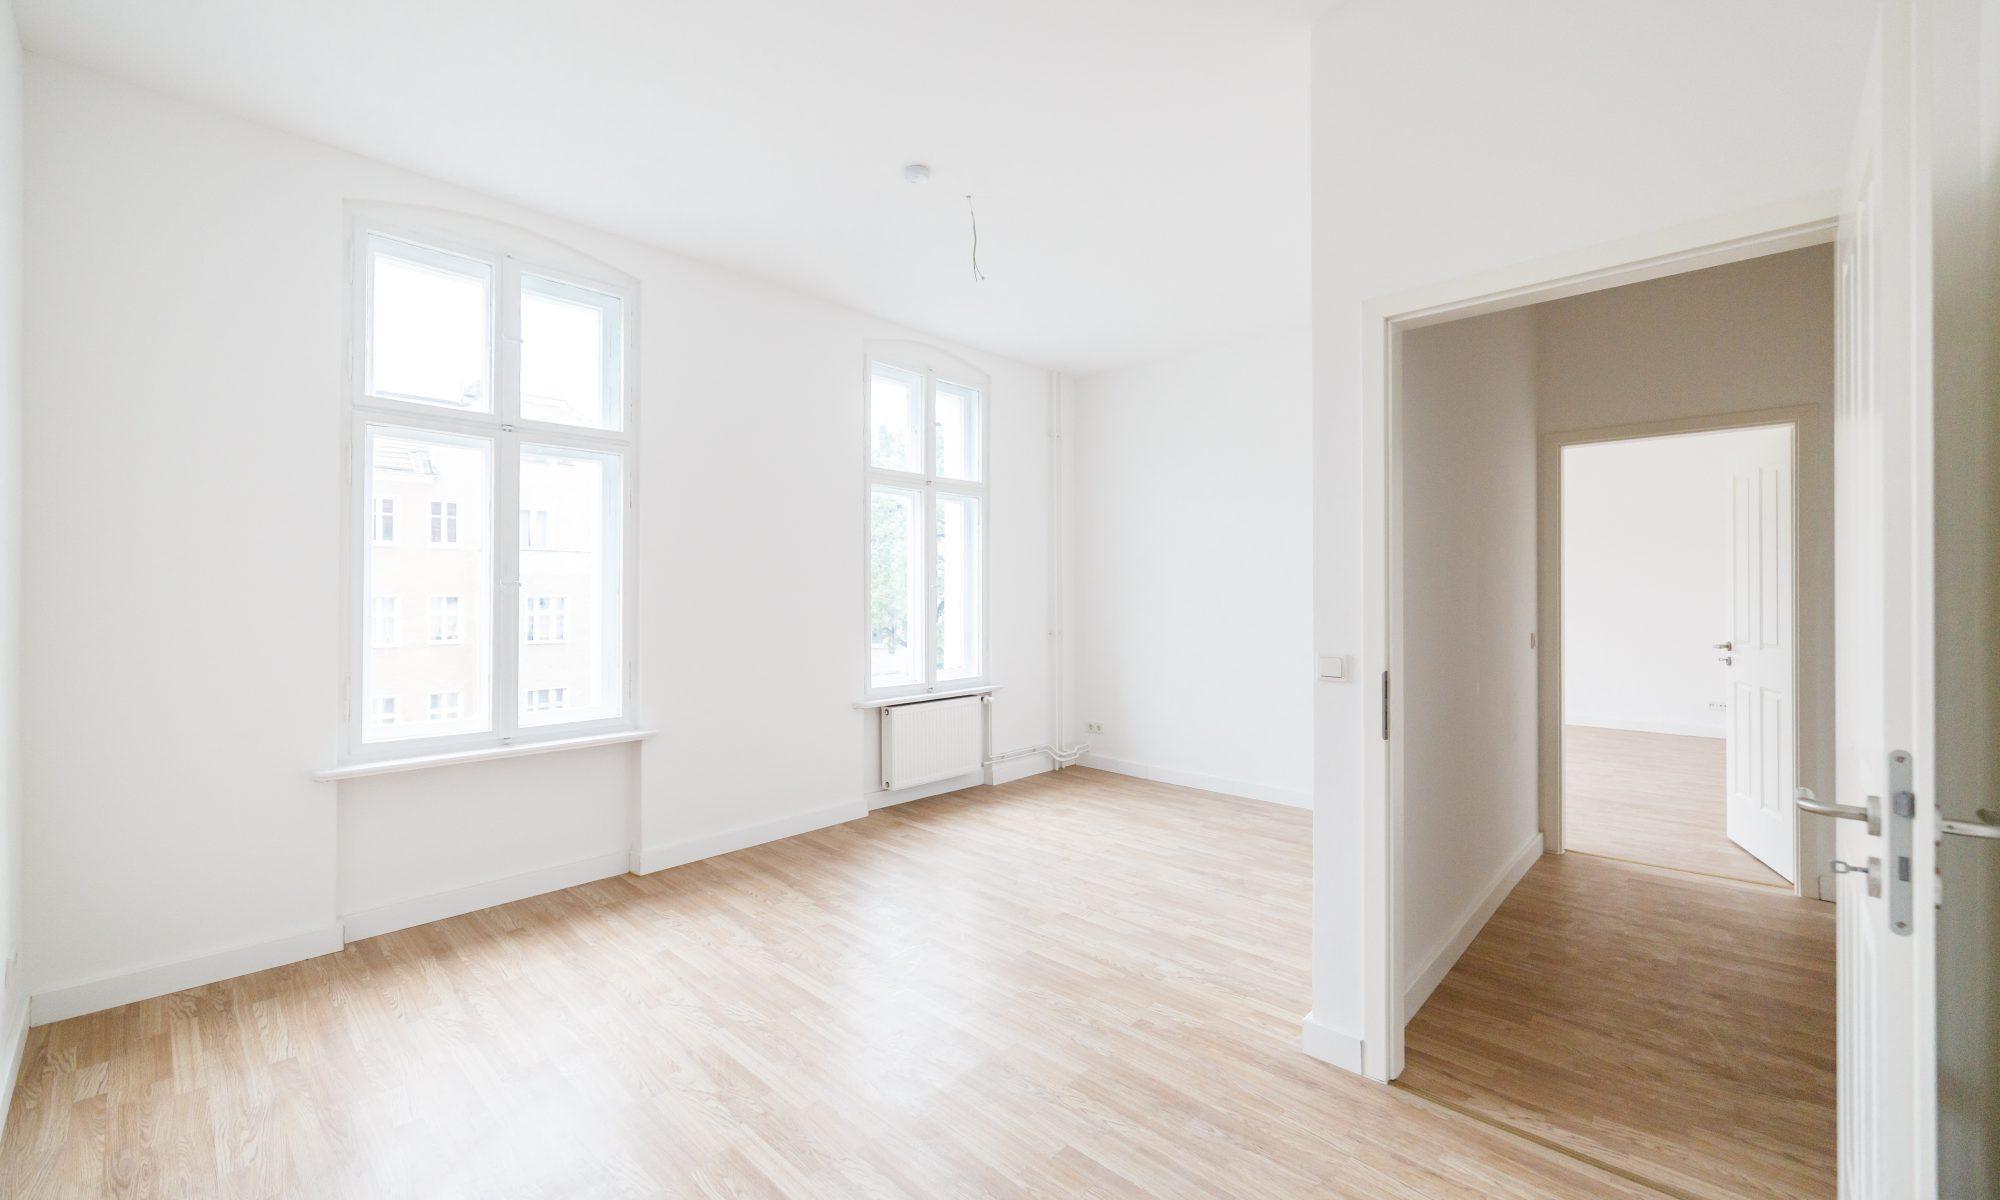 Ioannis Moraitis - Sanierung von Eigentumswohnungen